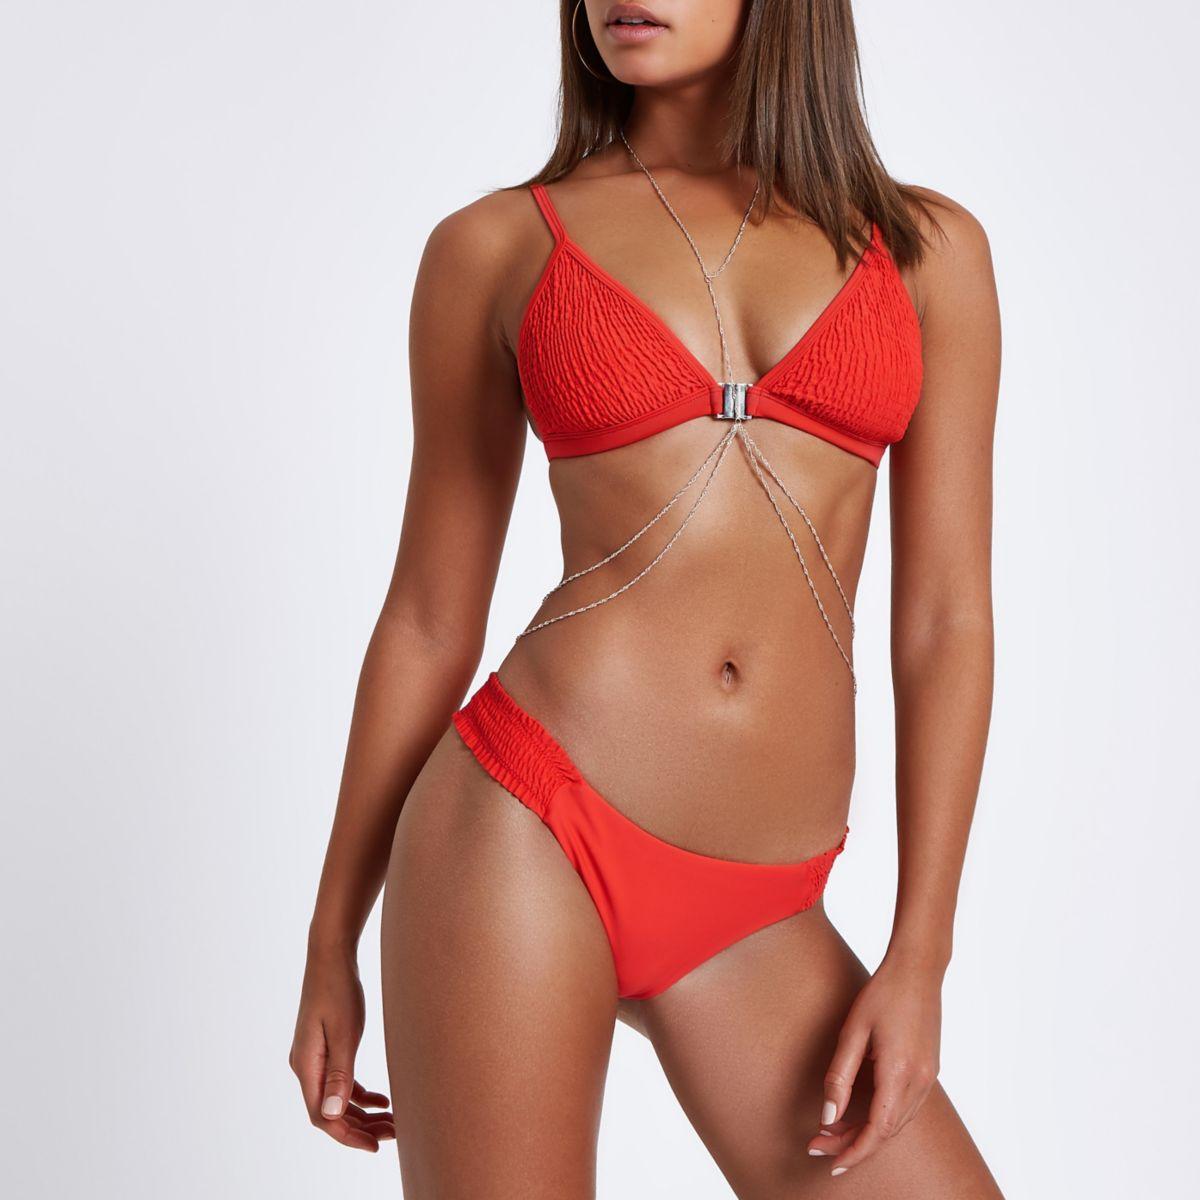 Red shirred high leg bikini bottoms